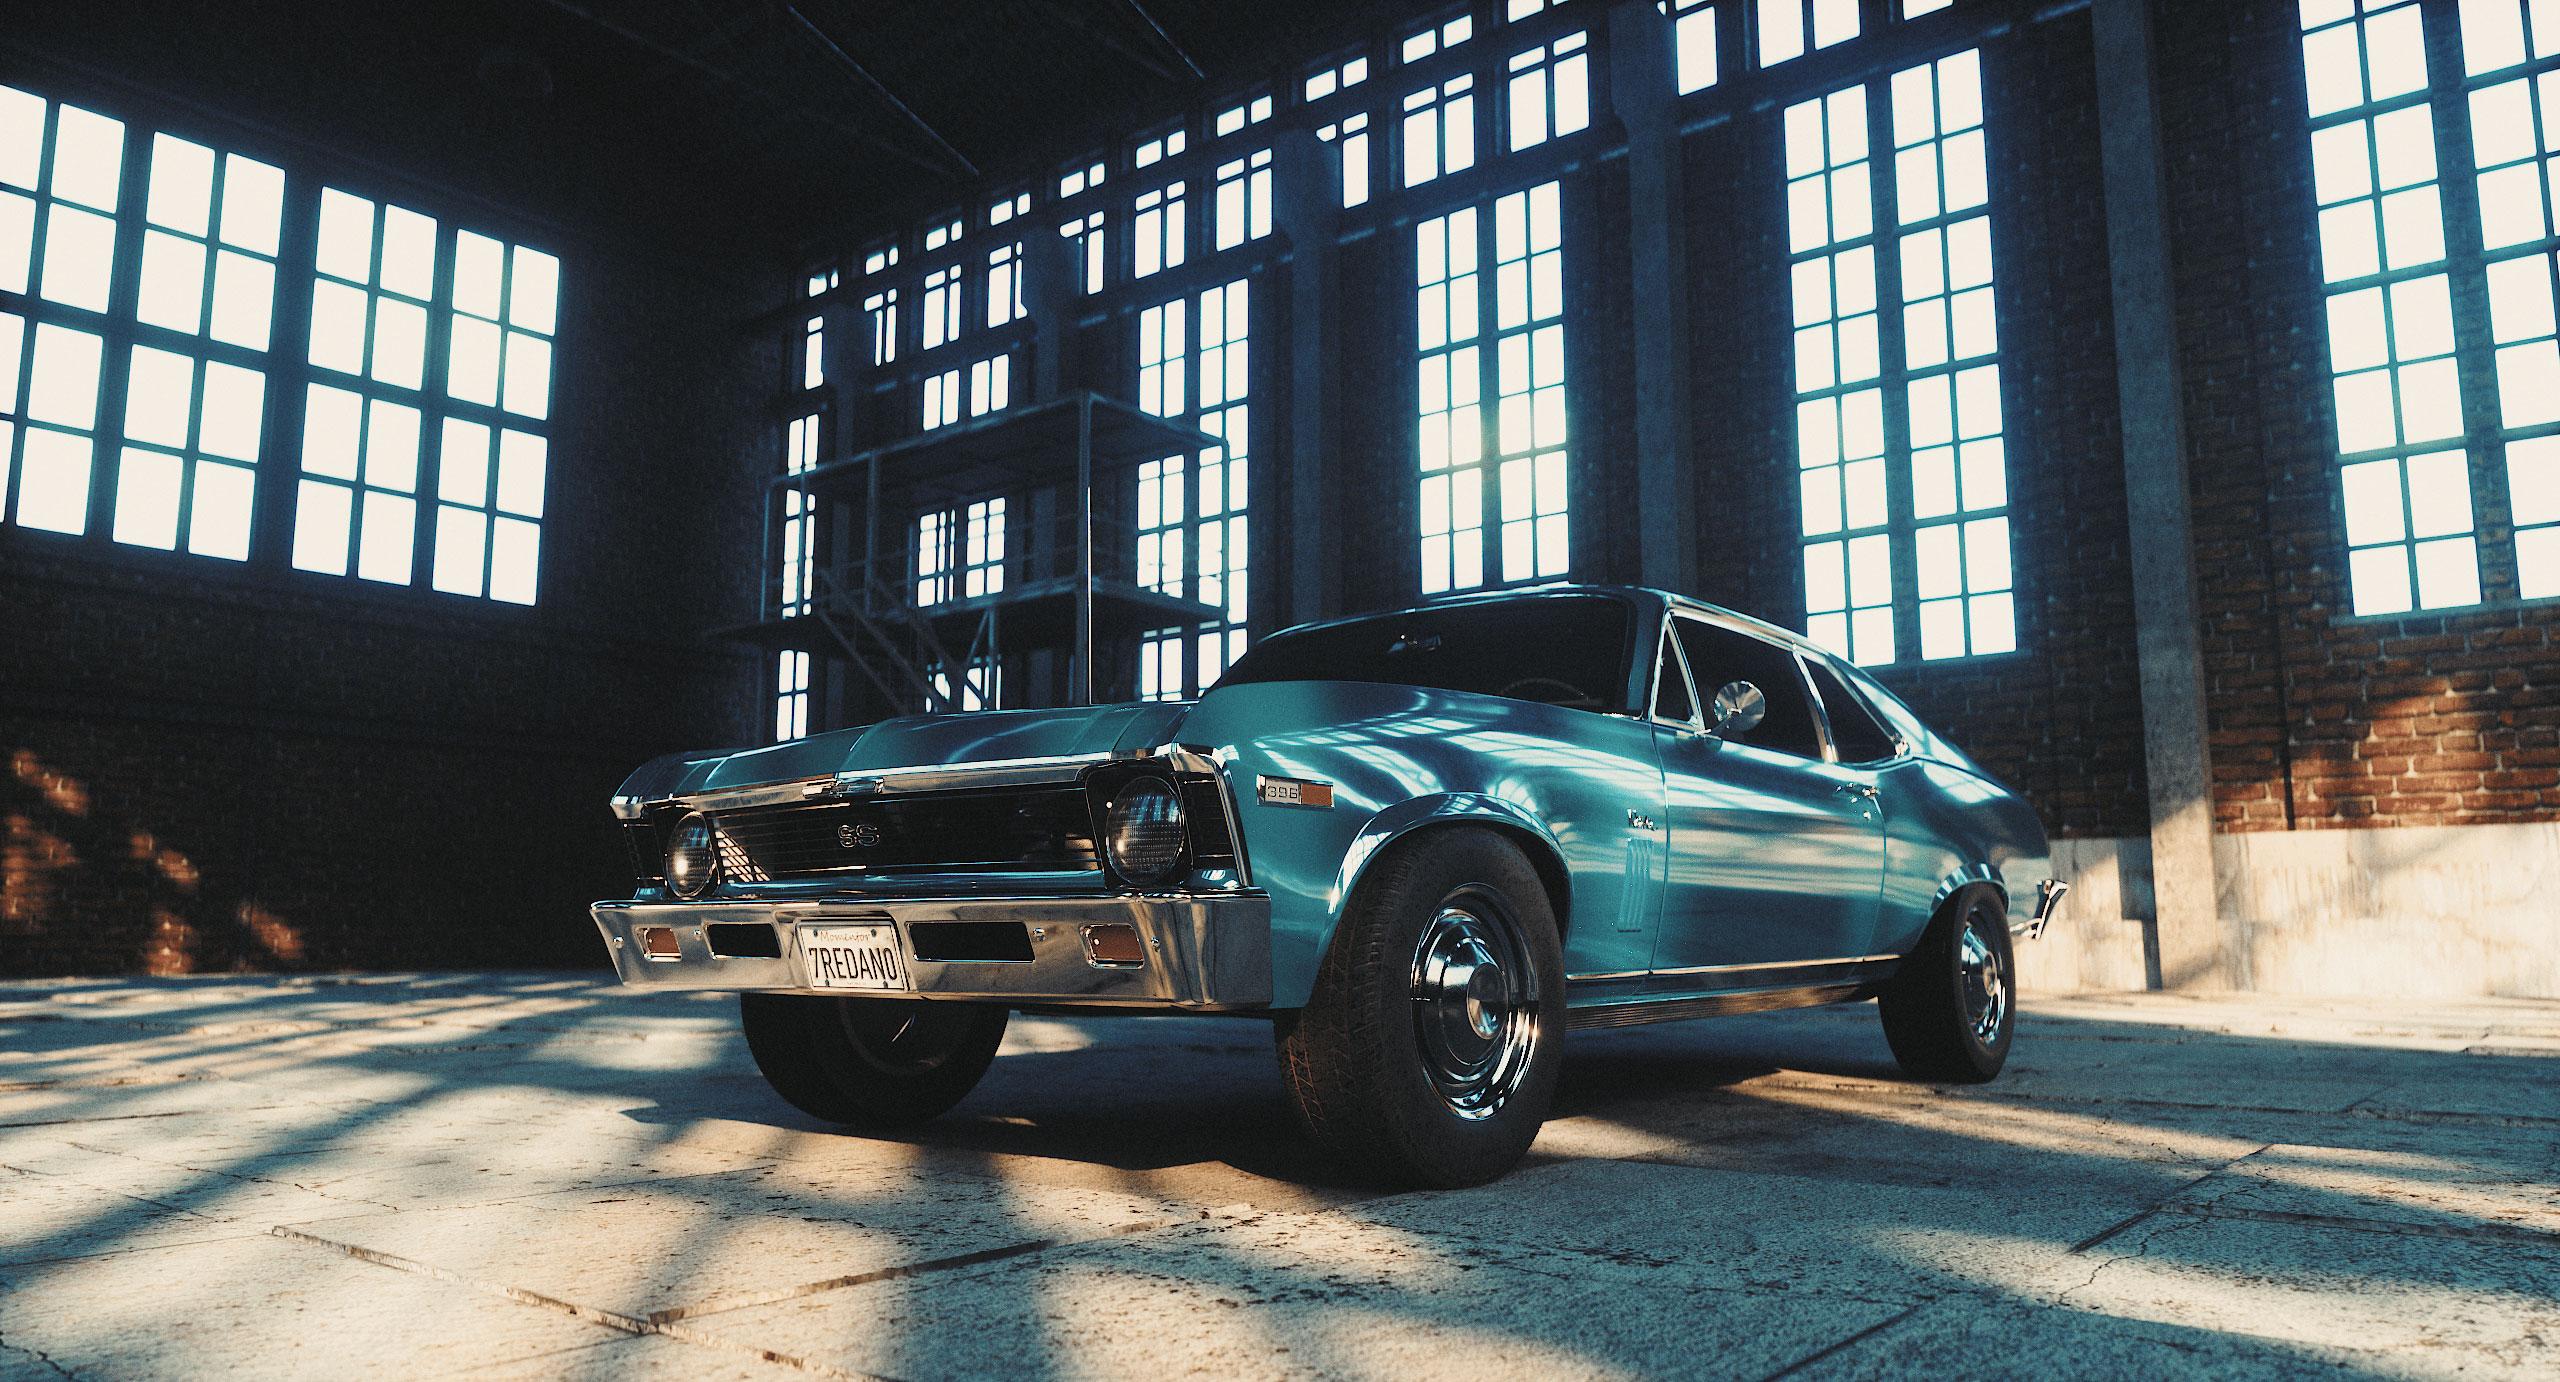 Car_007